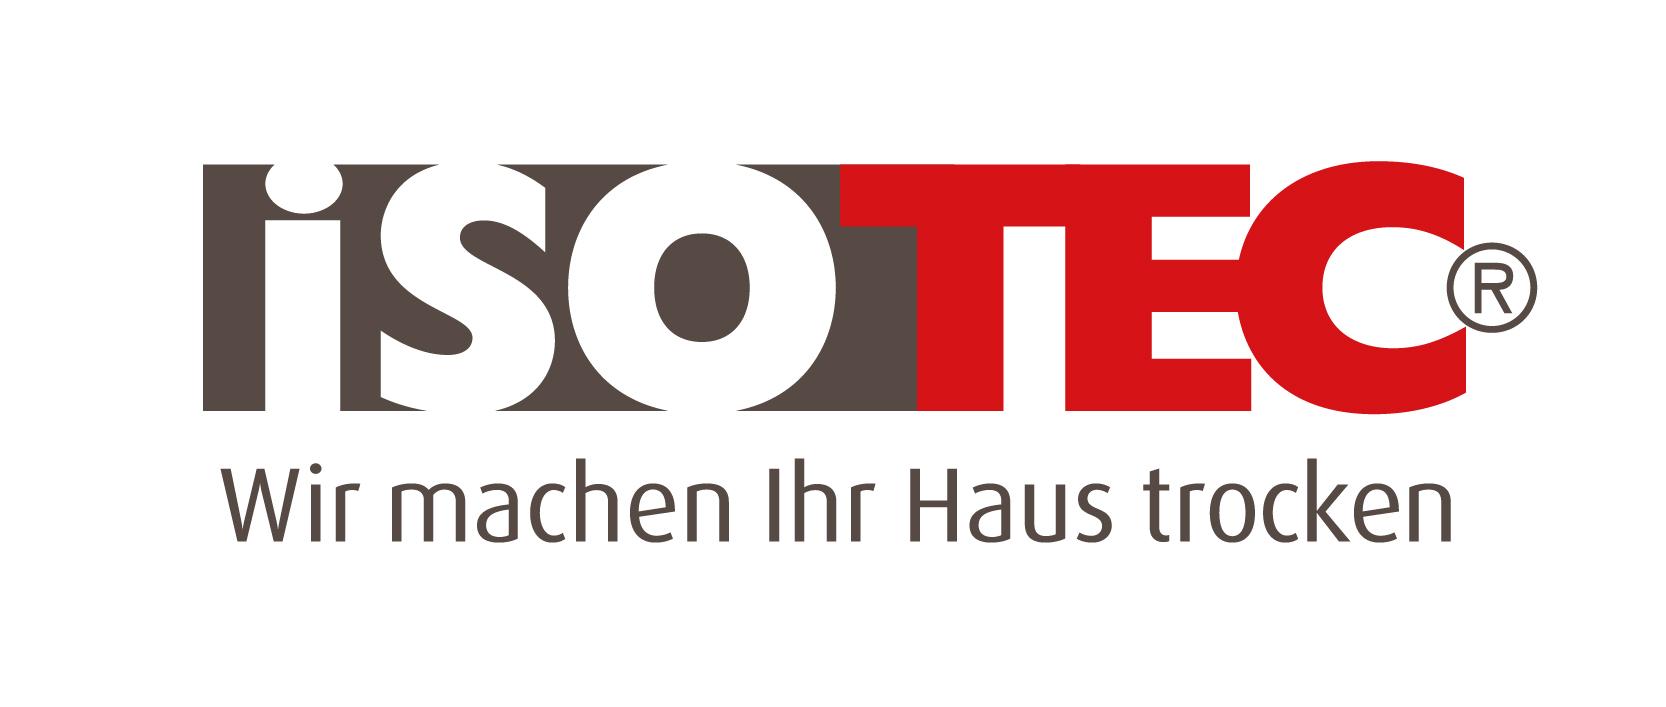 ISOTEC-Fachbetrieb Abdichtungstechnik Dipl.-Ing. Tilo Probsthain